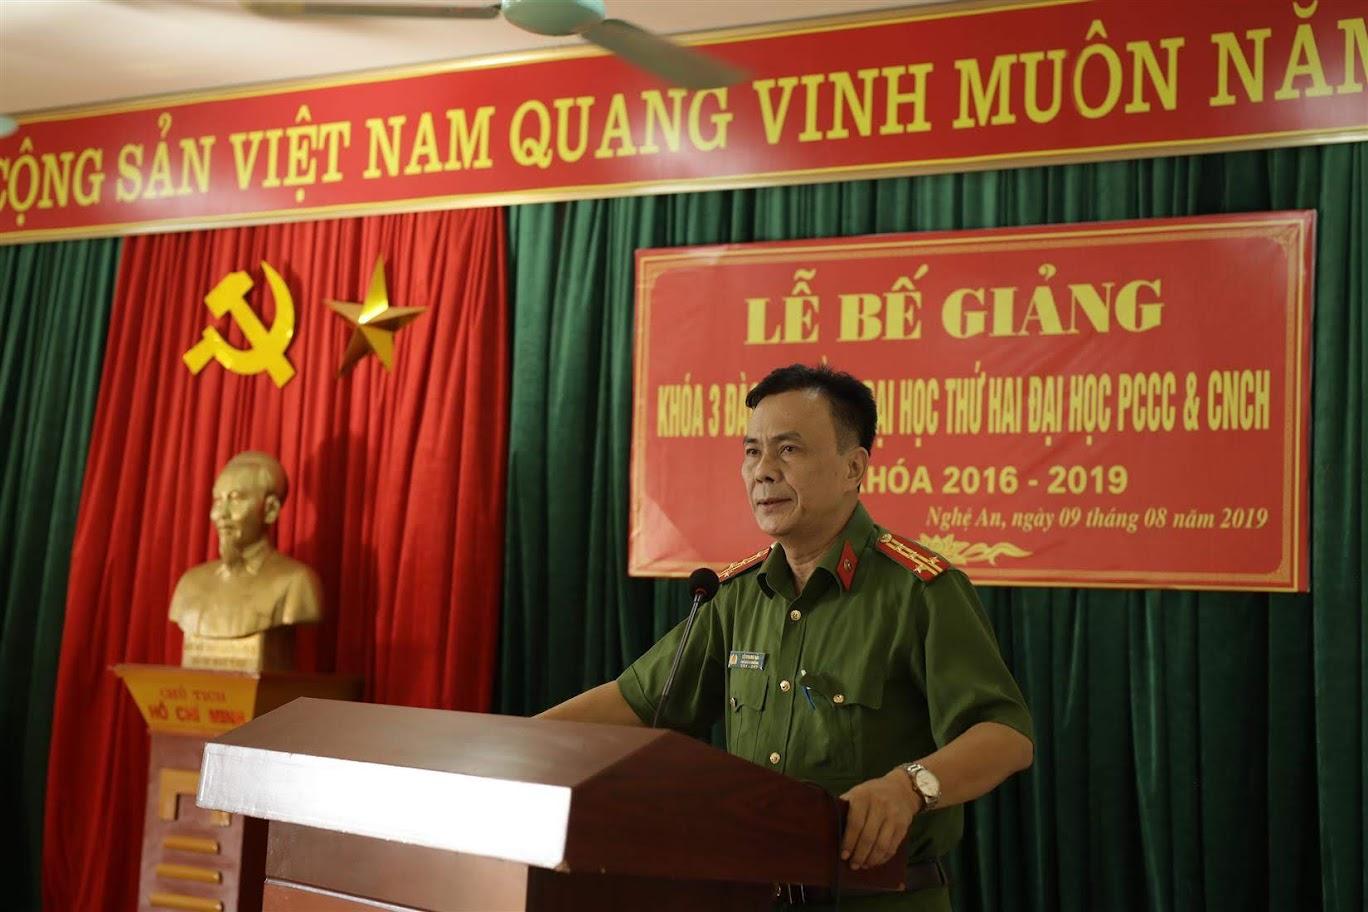 Đồng chí Đại tá, tiến sĩ Lê Quang Hải – Phó hiệu trưởng trường Đại học PCCC phát biểu tại Lễ Bế giảng